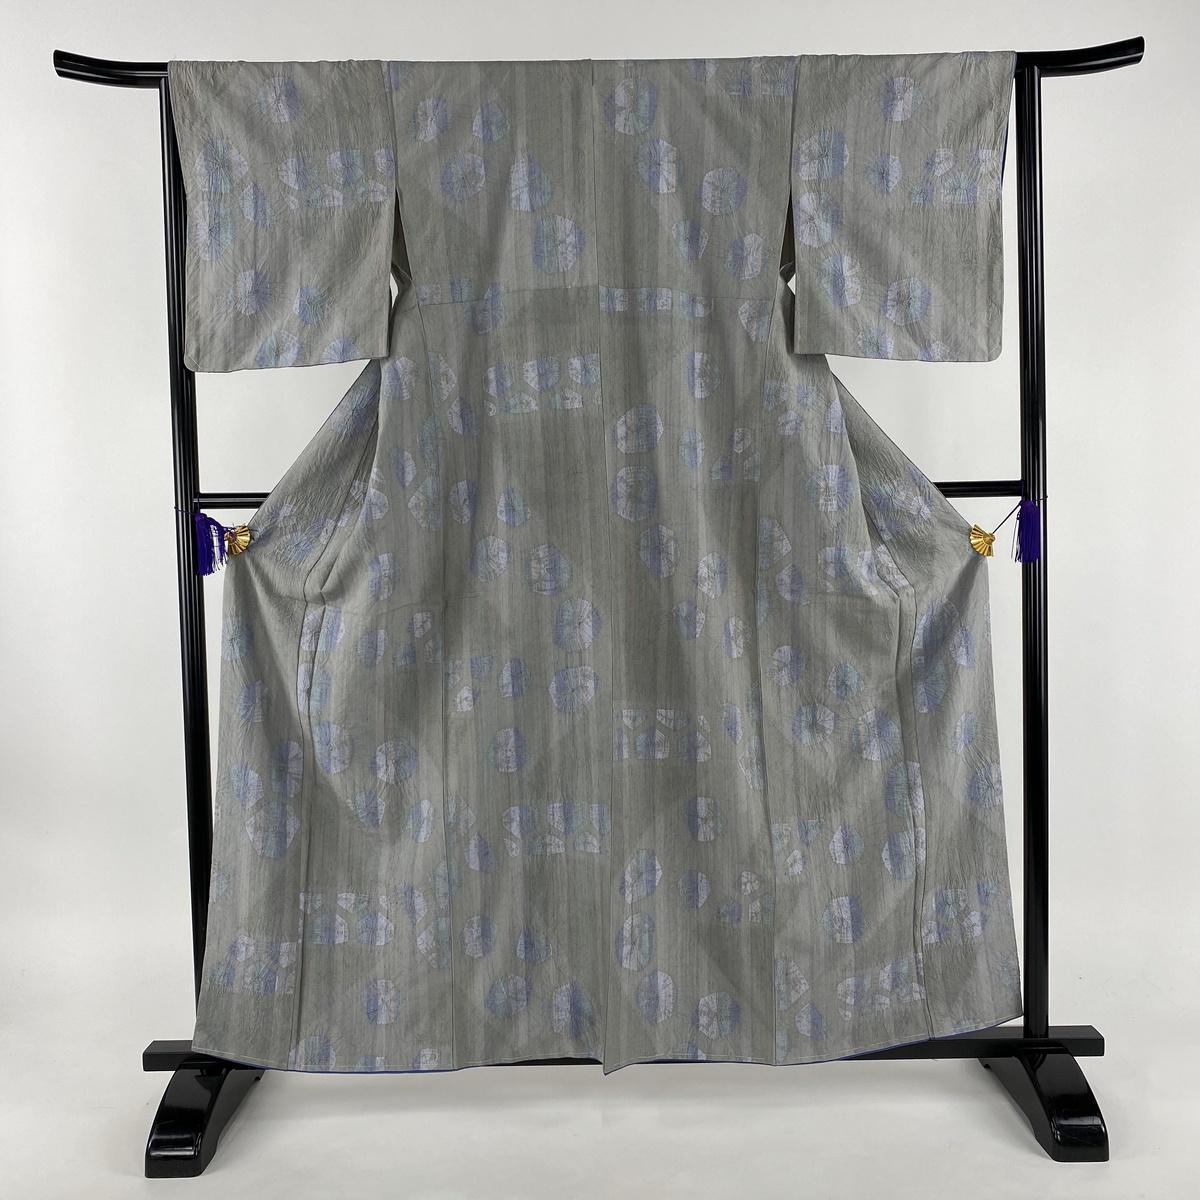 小紋 美品 名品 紬地 幾何学模様 絞り 灰色 袷 身丈161cm 裄丈64cm M 正絹 【中古】